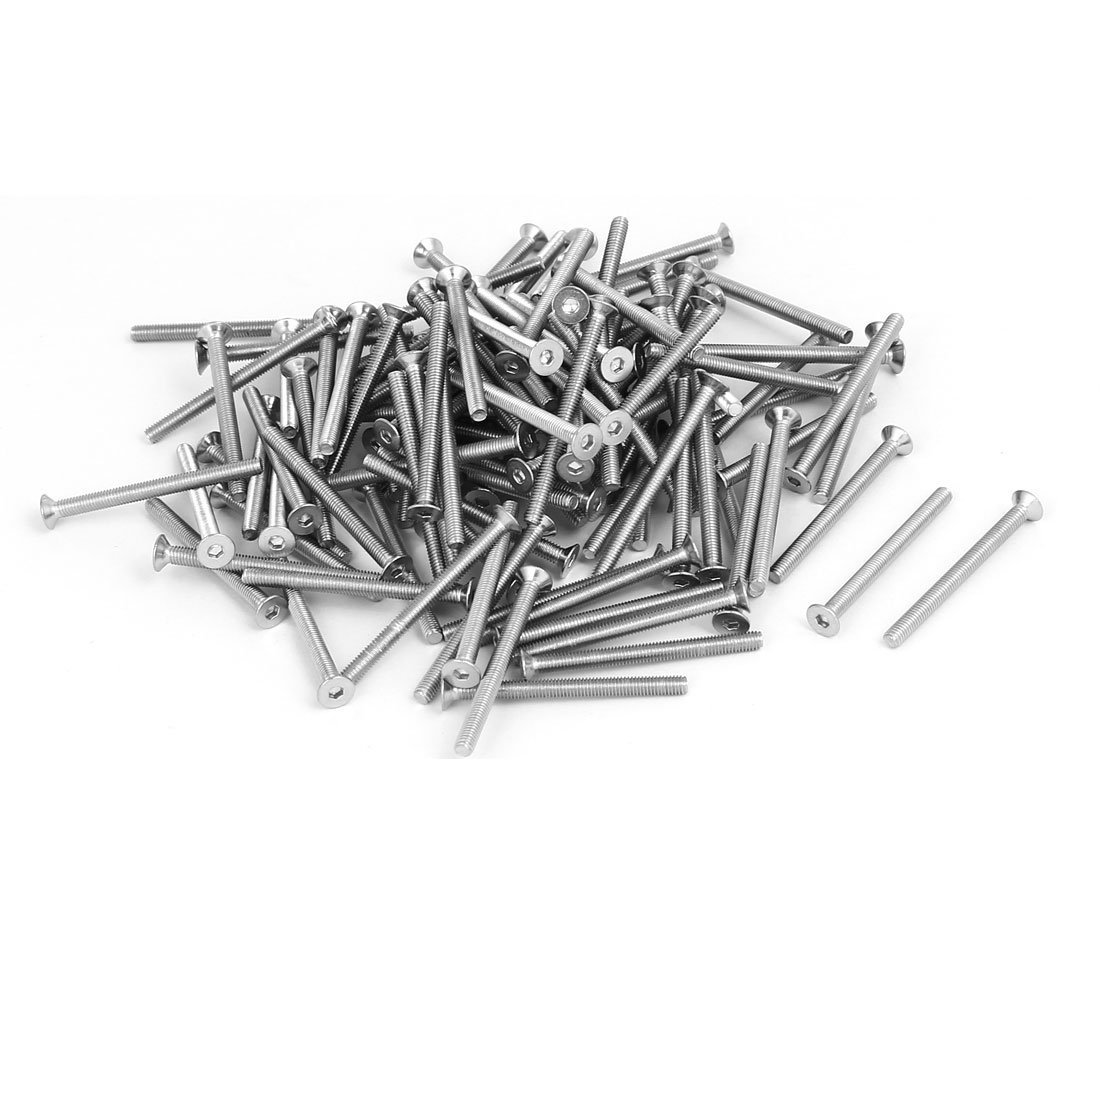 M3x35mm 304 Stainless Steel Flat Head Hex Socket Screws Fasteners DIN7991 120pcs